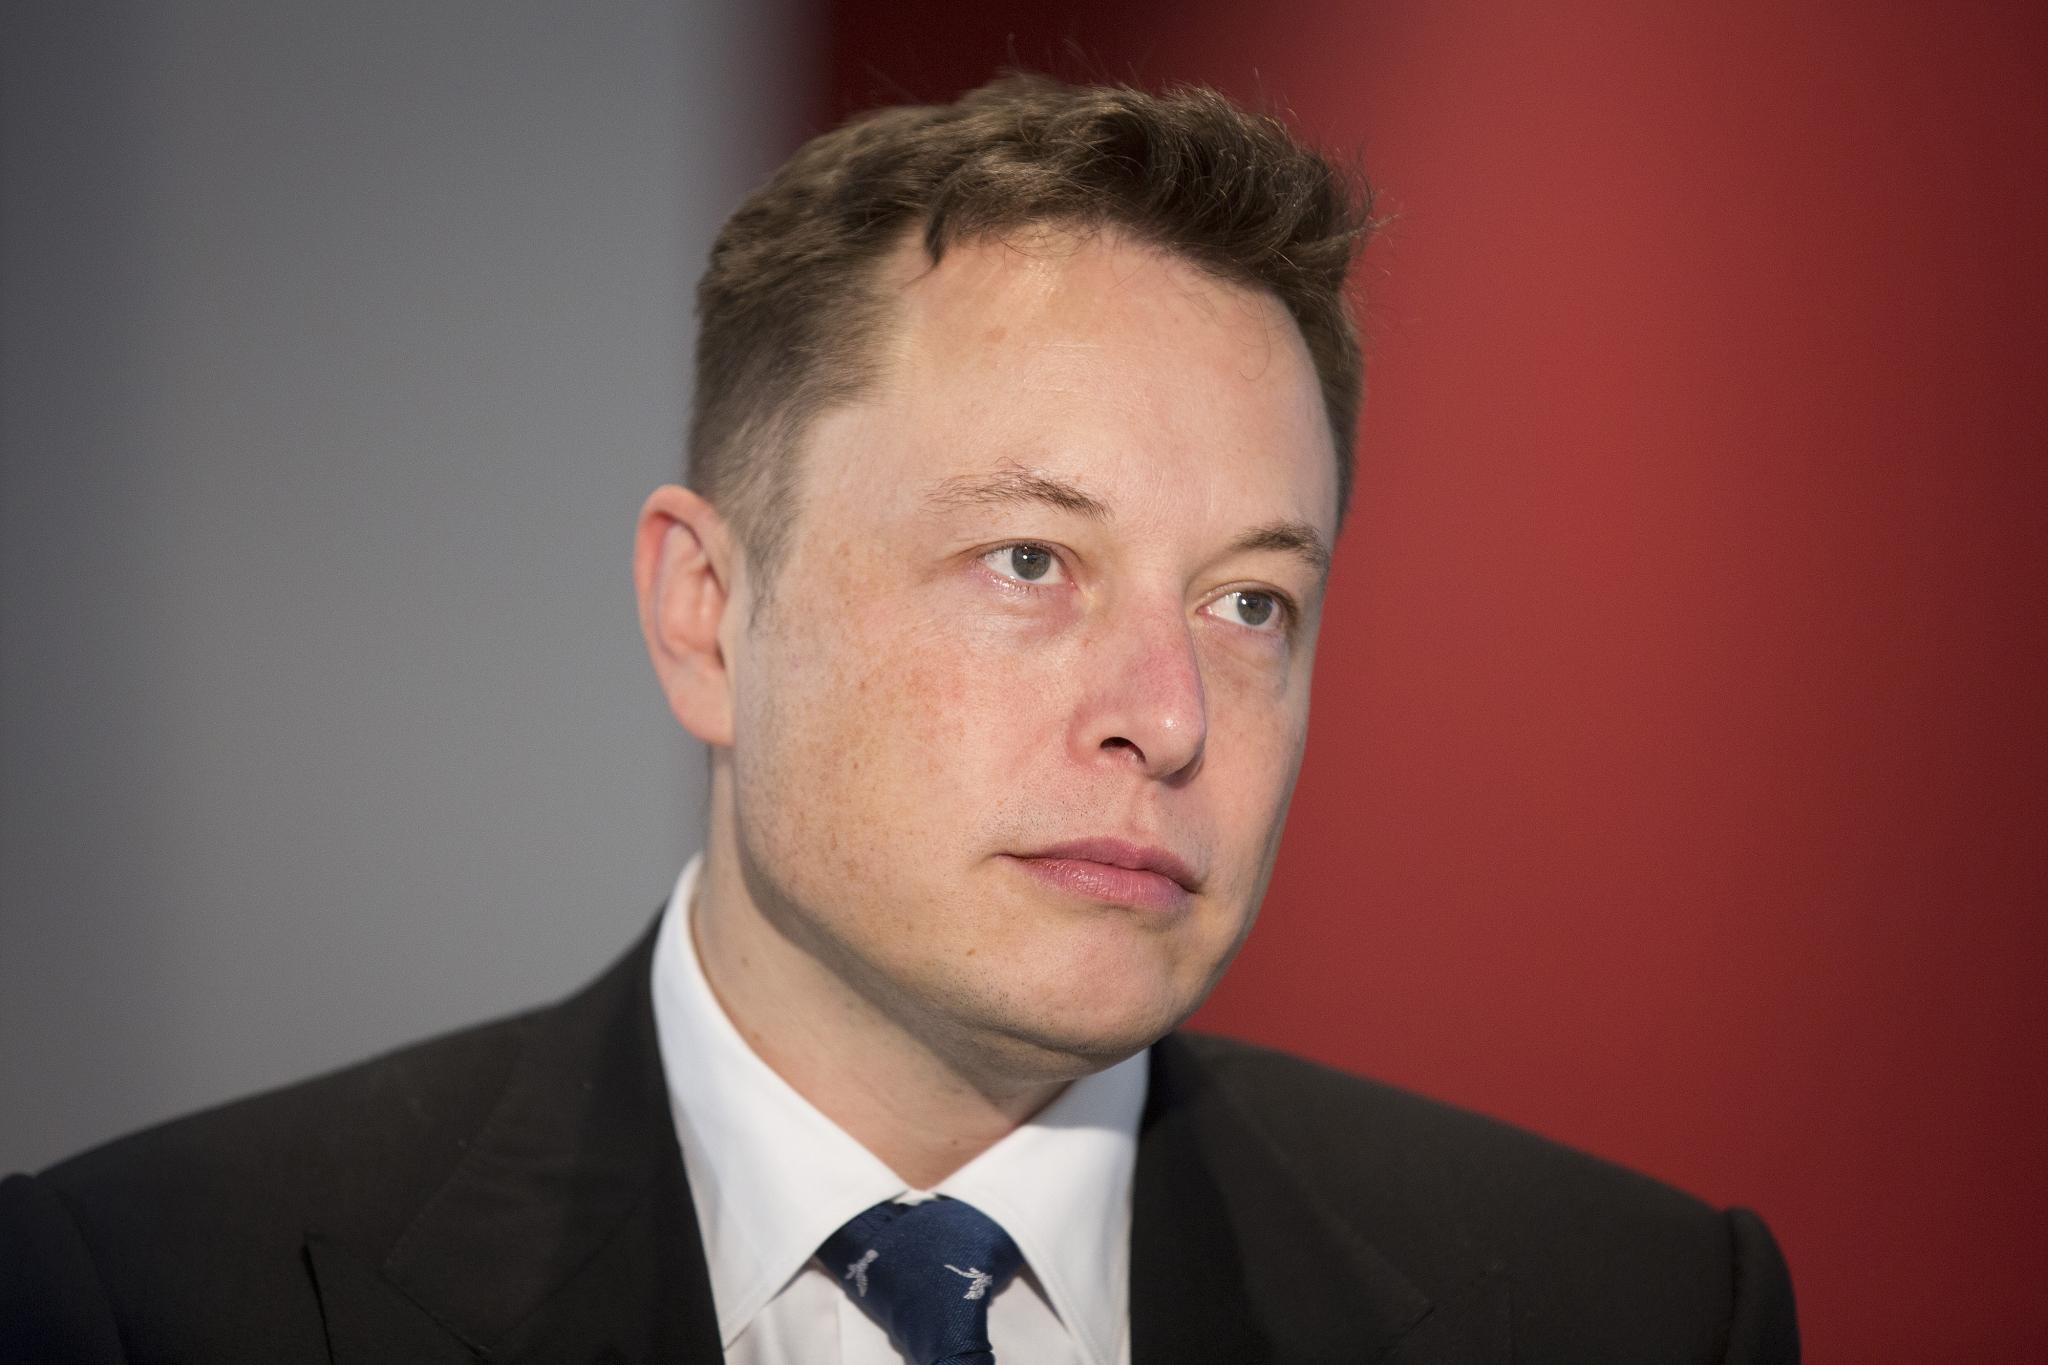 Elon Musk bị Twitter khóa tài khoản vì nghi bị hack - Ảnh 1.